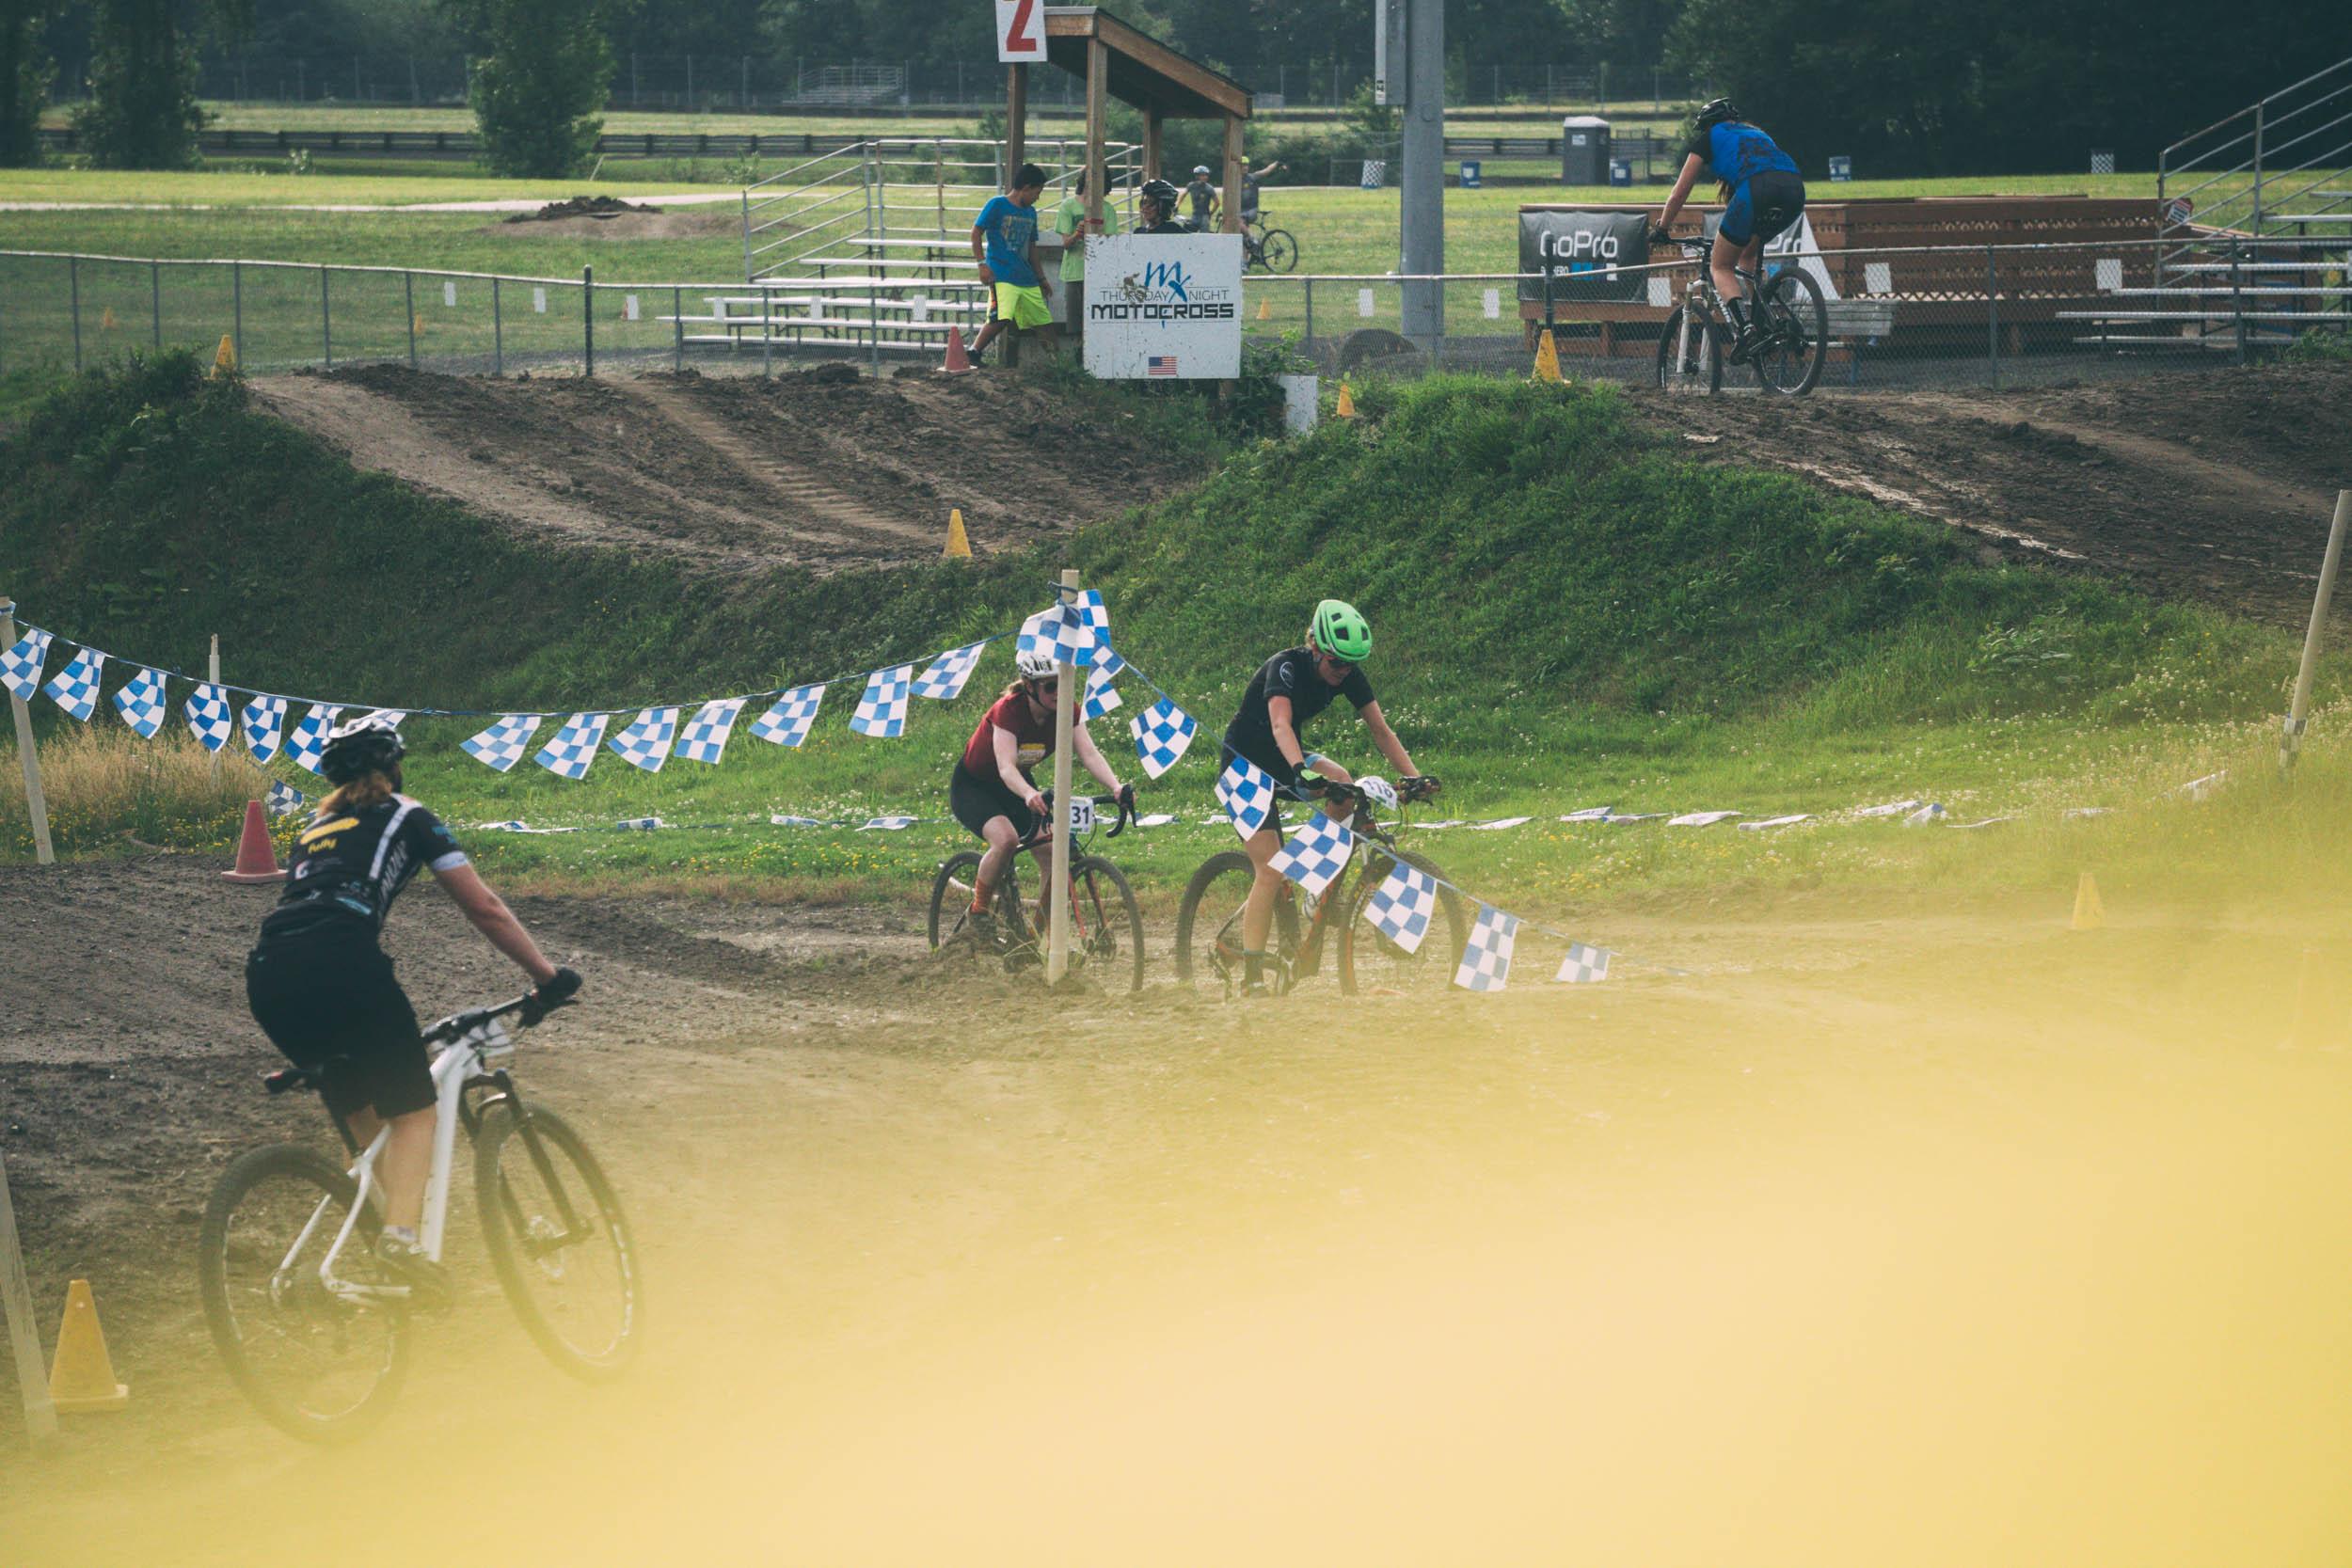 Short_Track_Race3_11.jpg